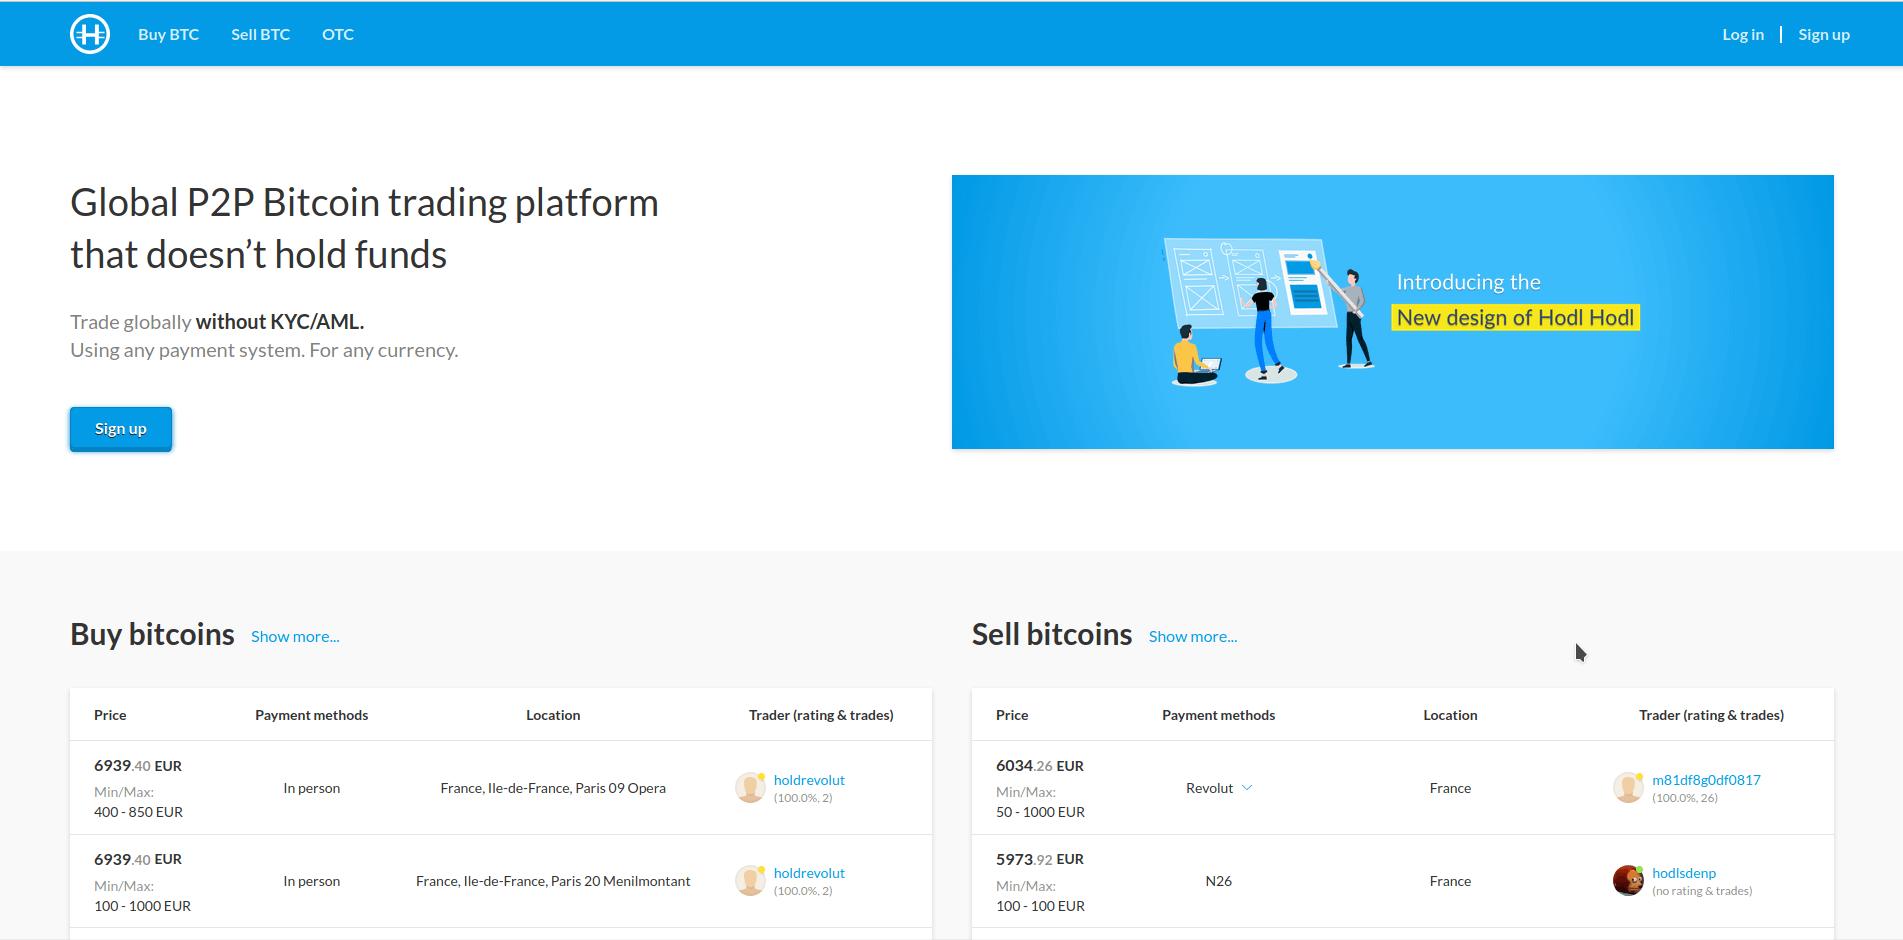 Hodl Hodl page d'accueil